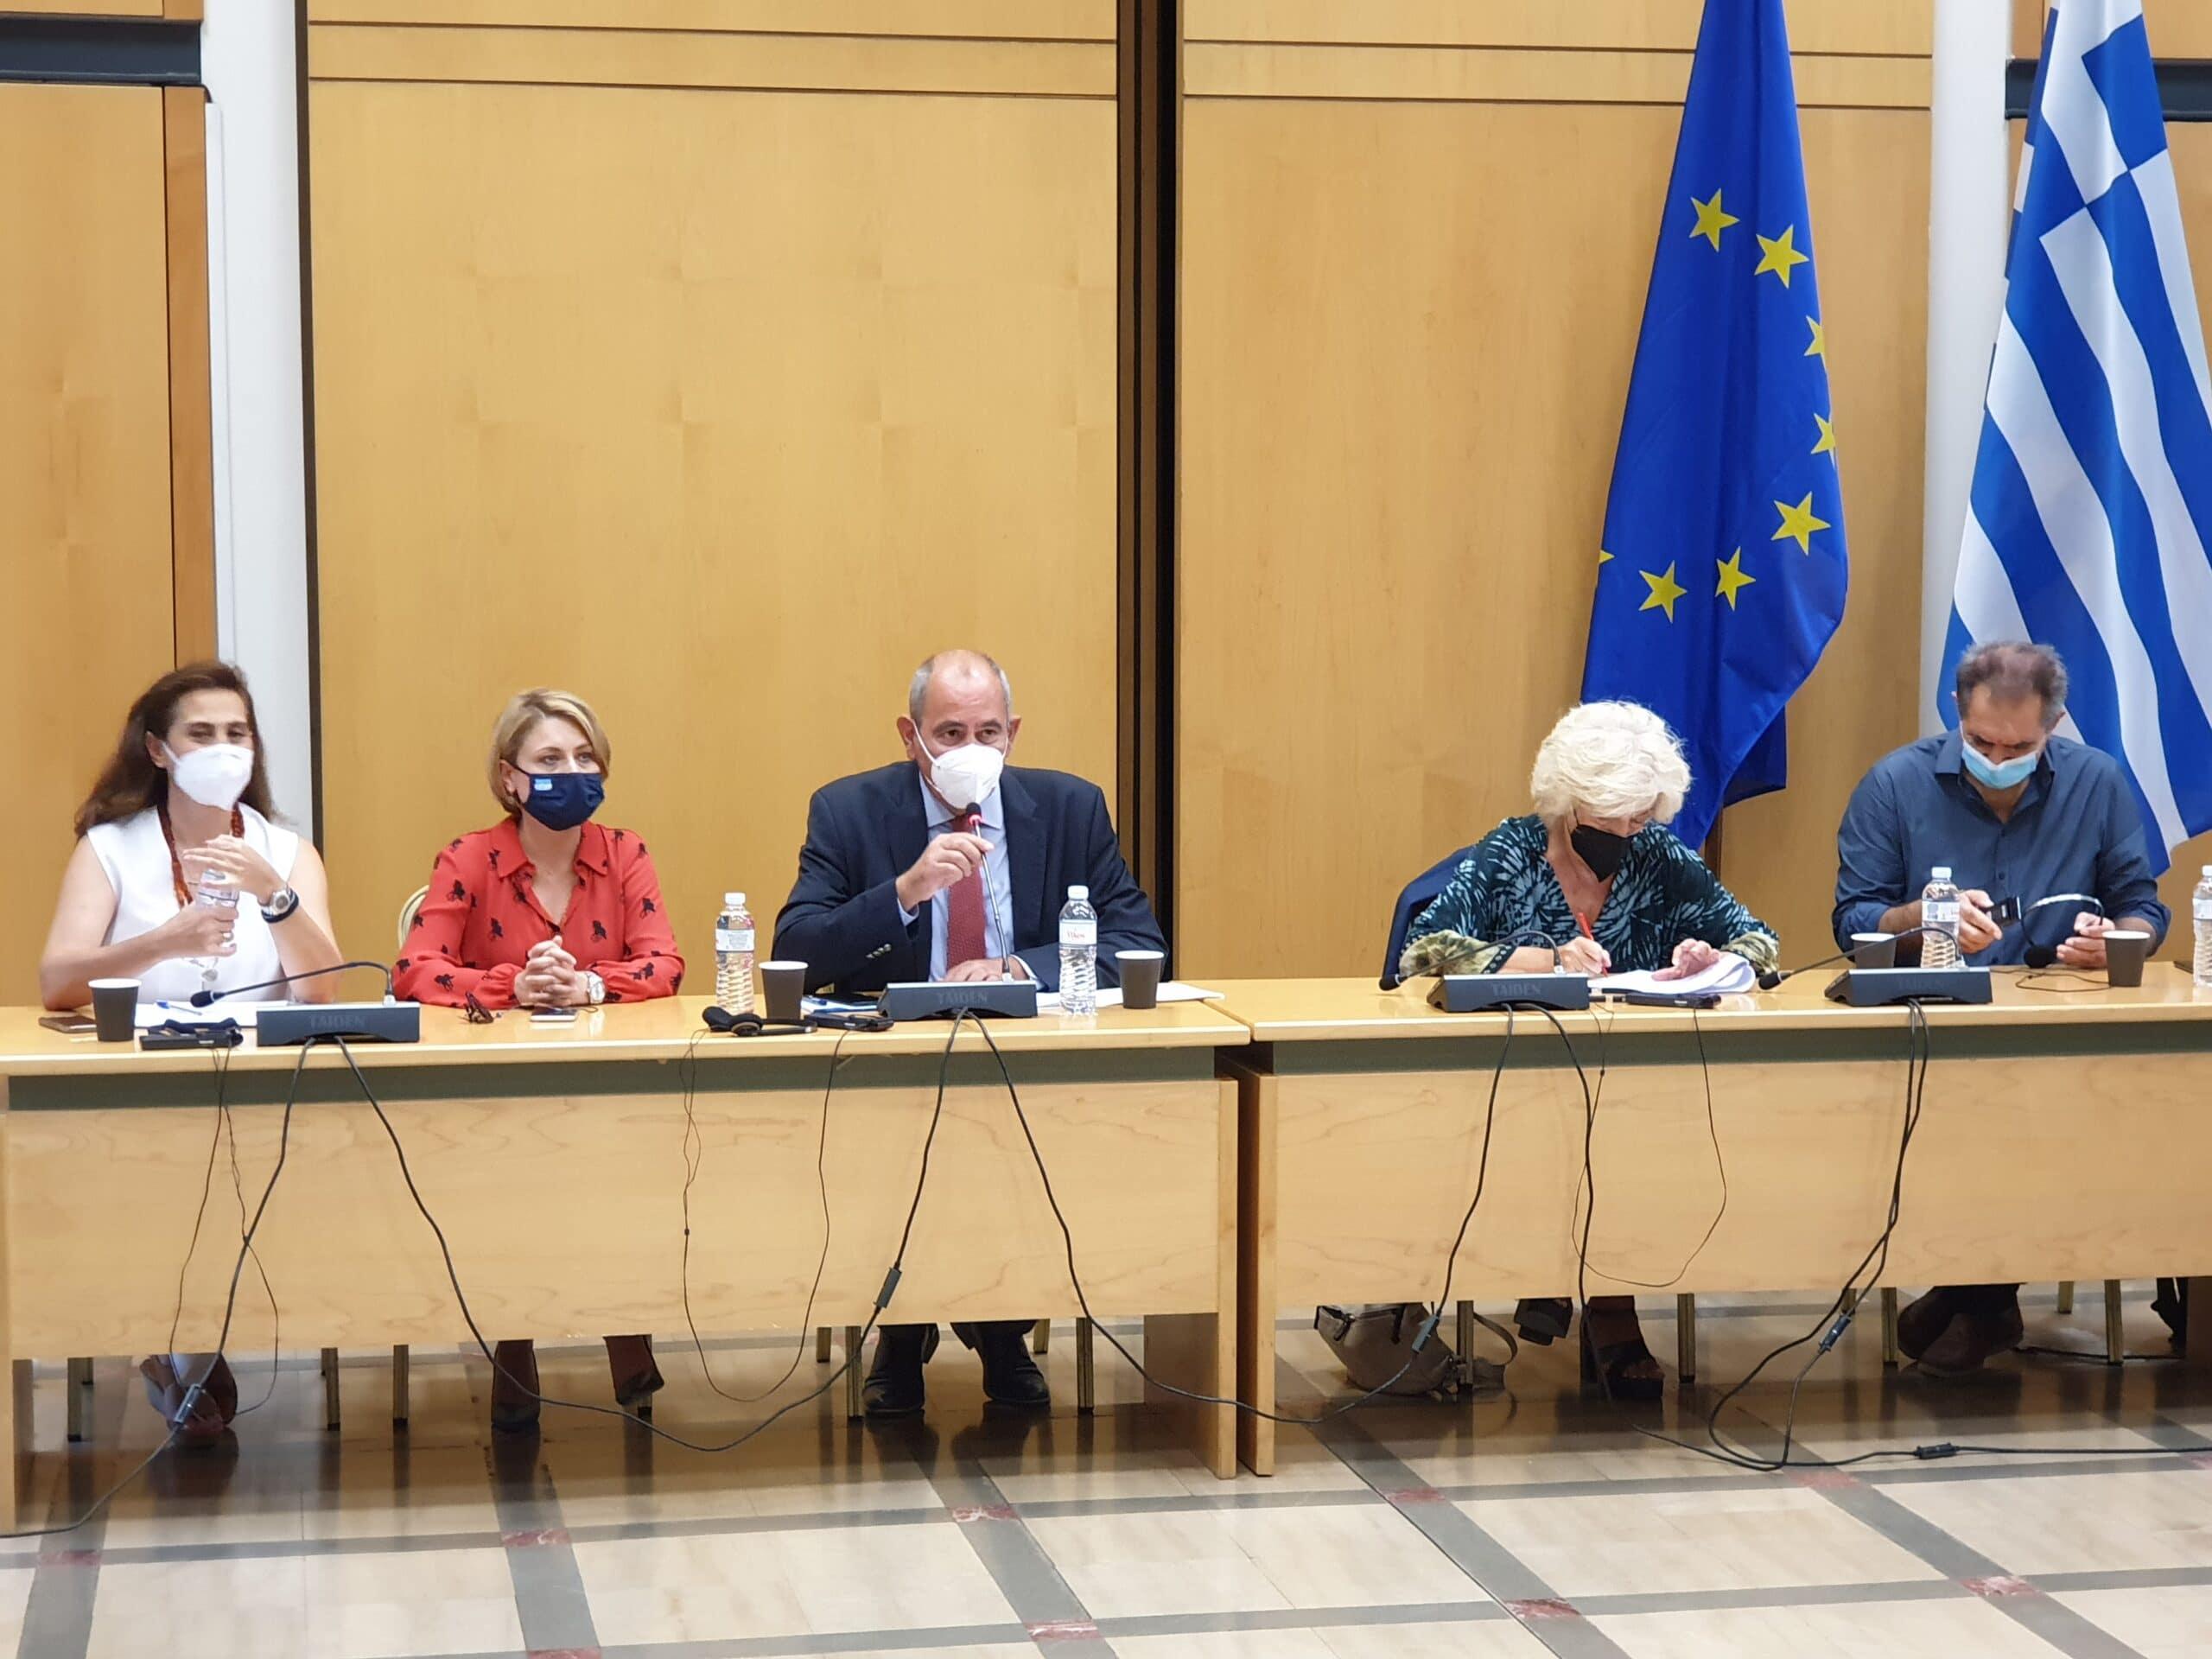 Χριστίνα Αλεξοπούλου: Συνάντηση με μέλη της Γαλλικής Εθνοσυνέλευσης